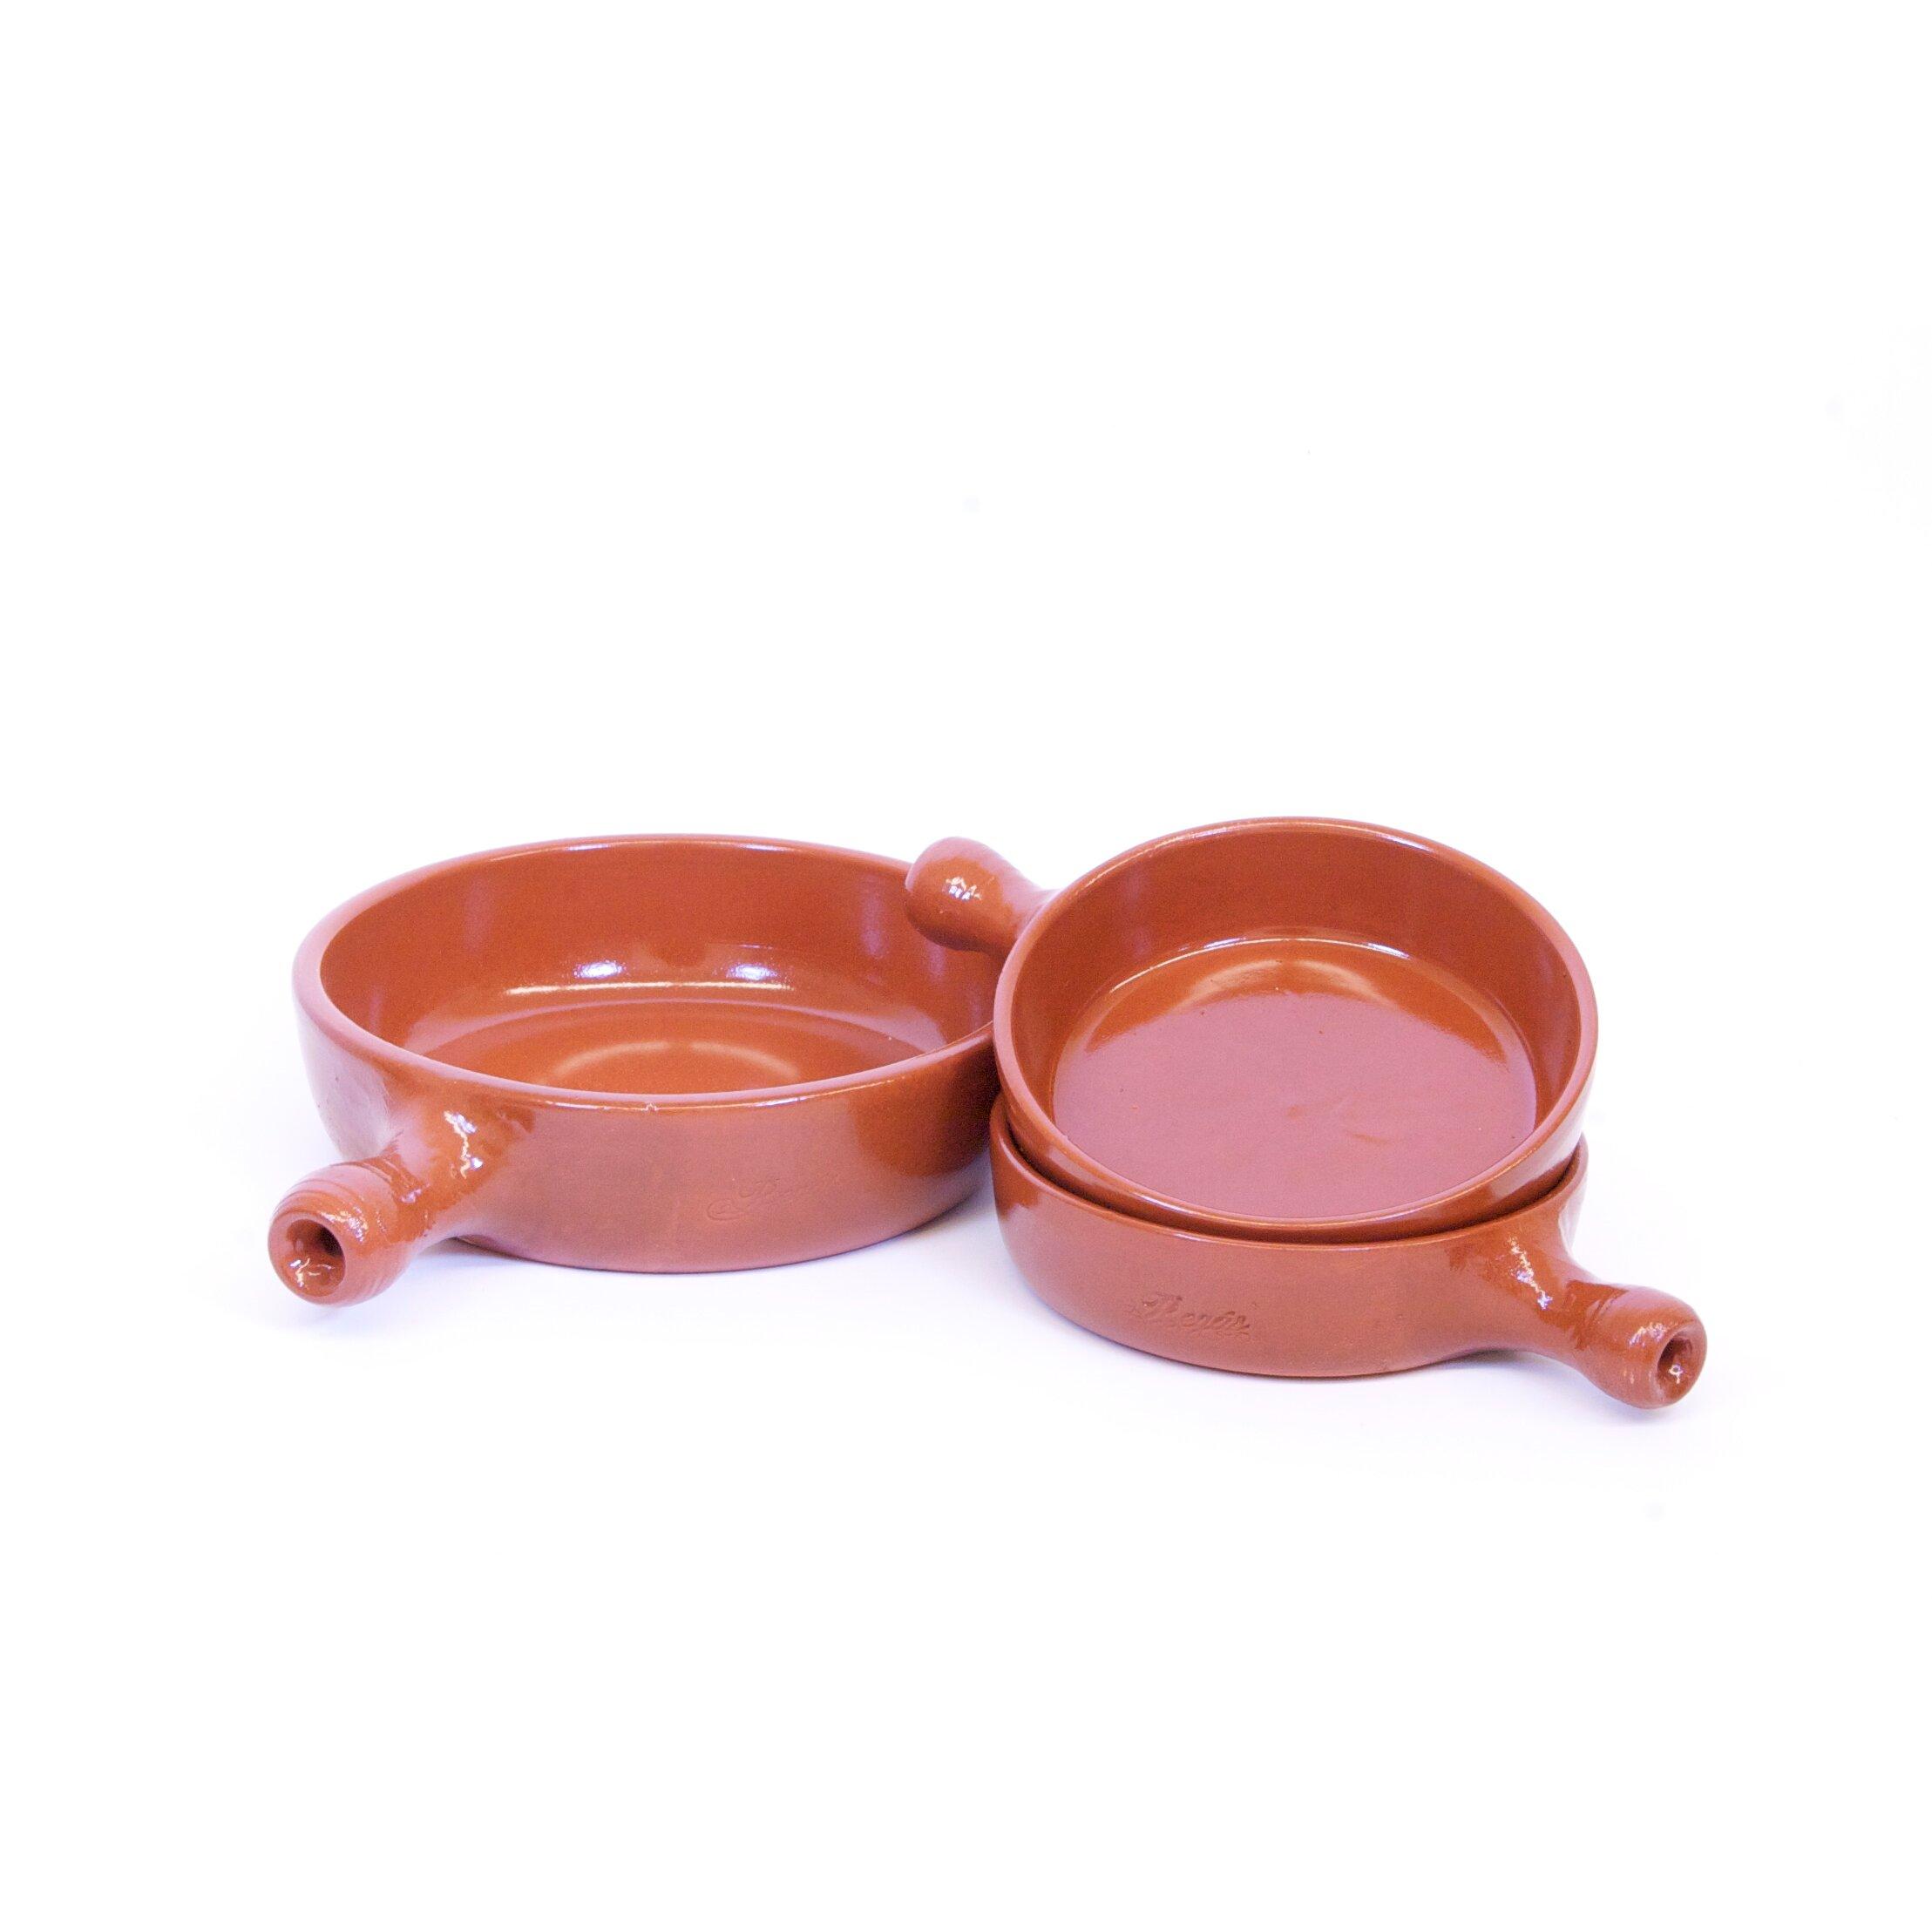 Regas Ceramics 3 Piece Frying Pan Set Wayfair